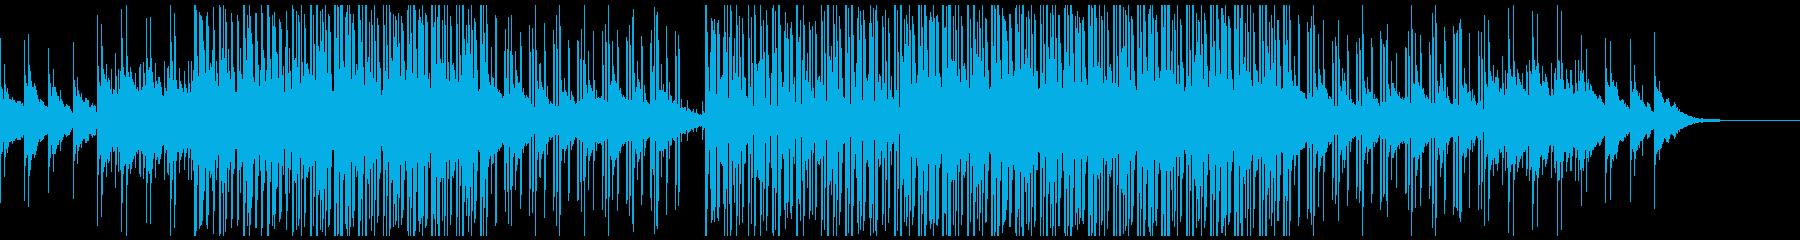 明るくリズミカルノリノリ曲の再生済みの波形